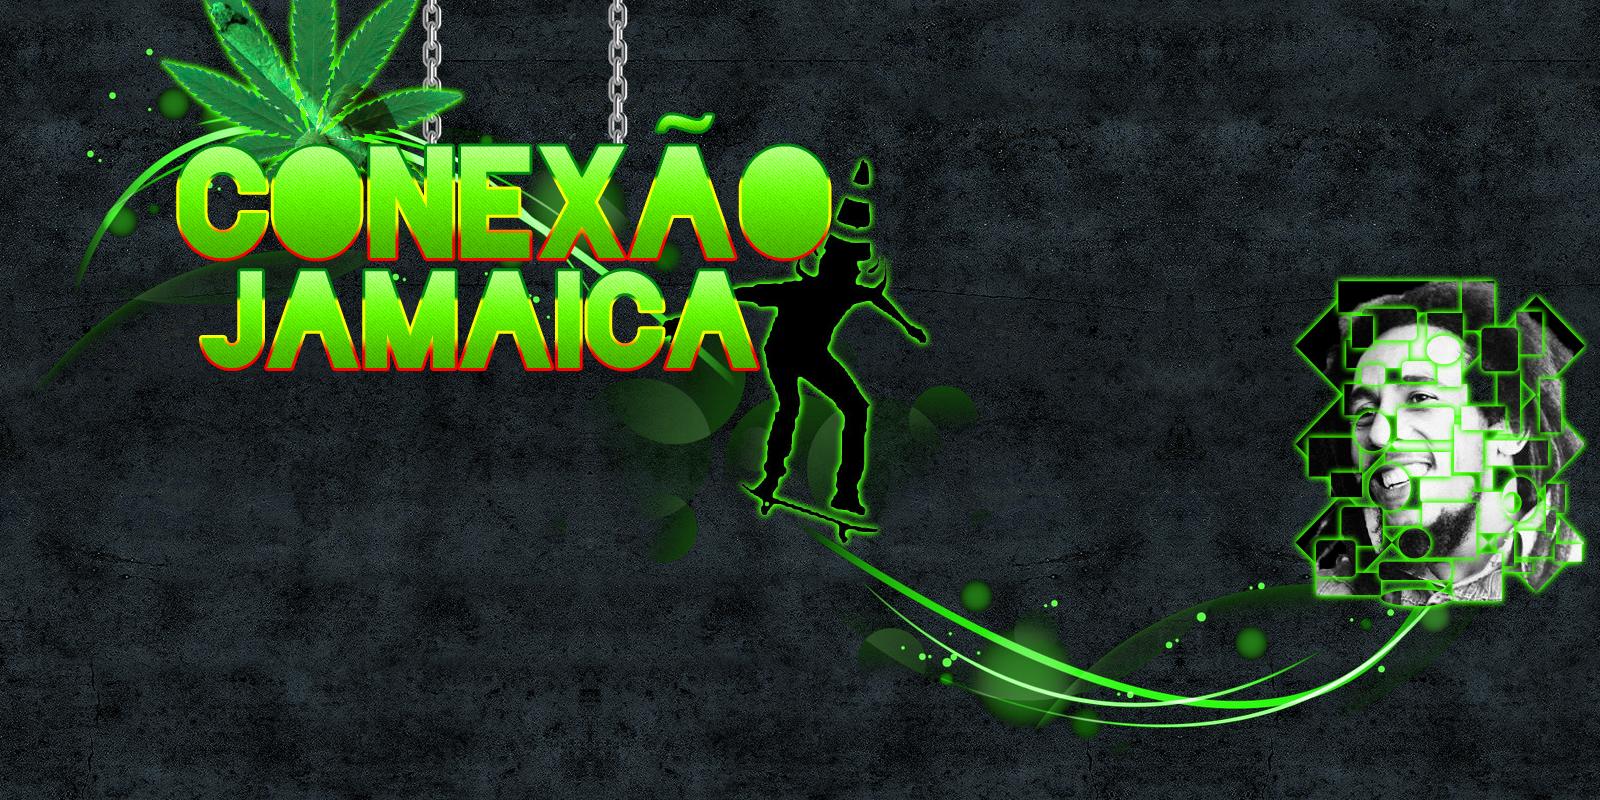 Um wallpaper simple de um grupo do FaceBook chamado Canexo Jamaica 1600x800